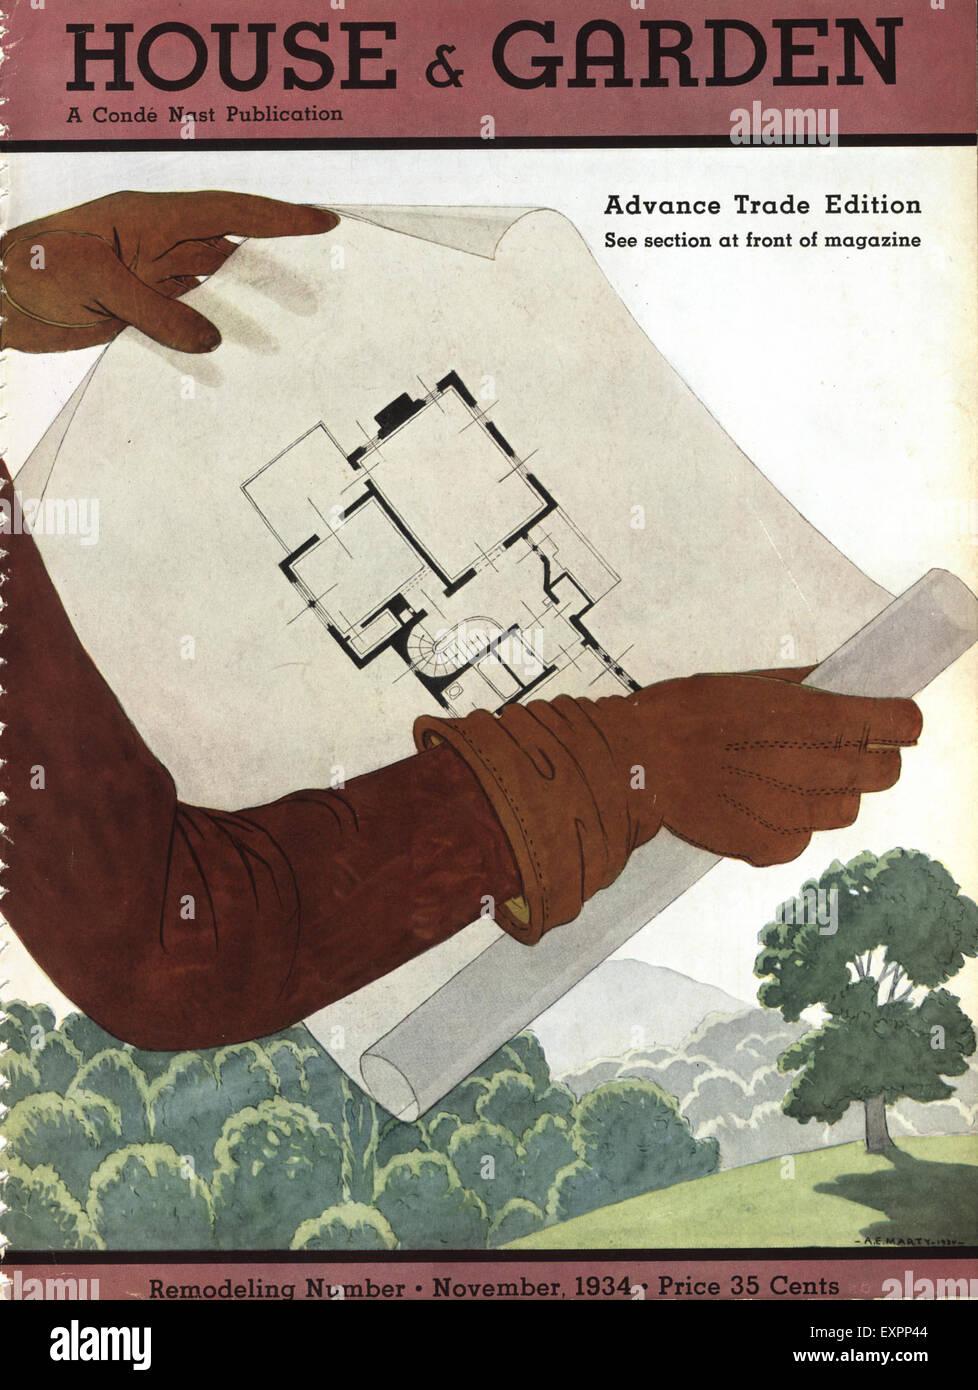 1930er Jahre USA-Haus und Garten-Magazin-Cover Stockfoto, Bild ...